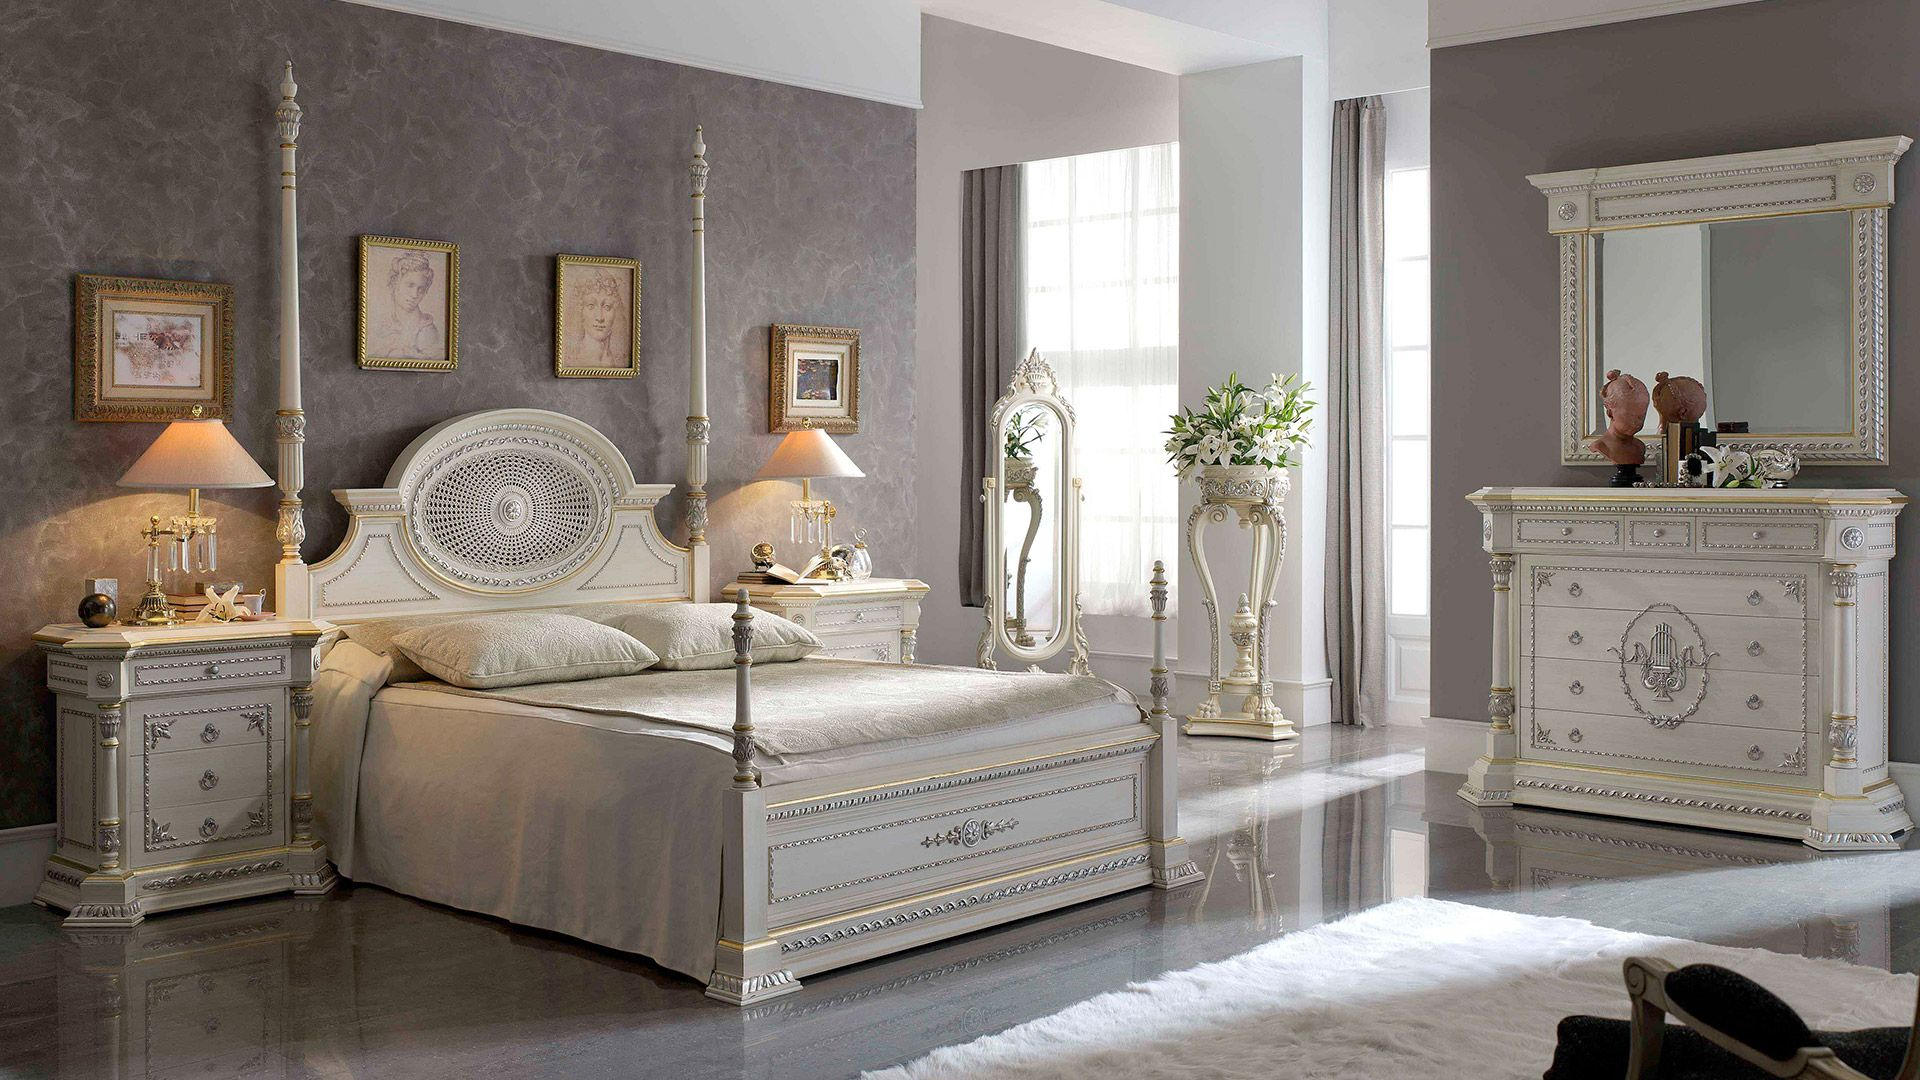 Dormitorios De Lujo Muebles De Lujo Pic Bonitos Dormitorios  # Muebles Neoclasicos Modernos